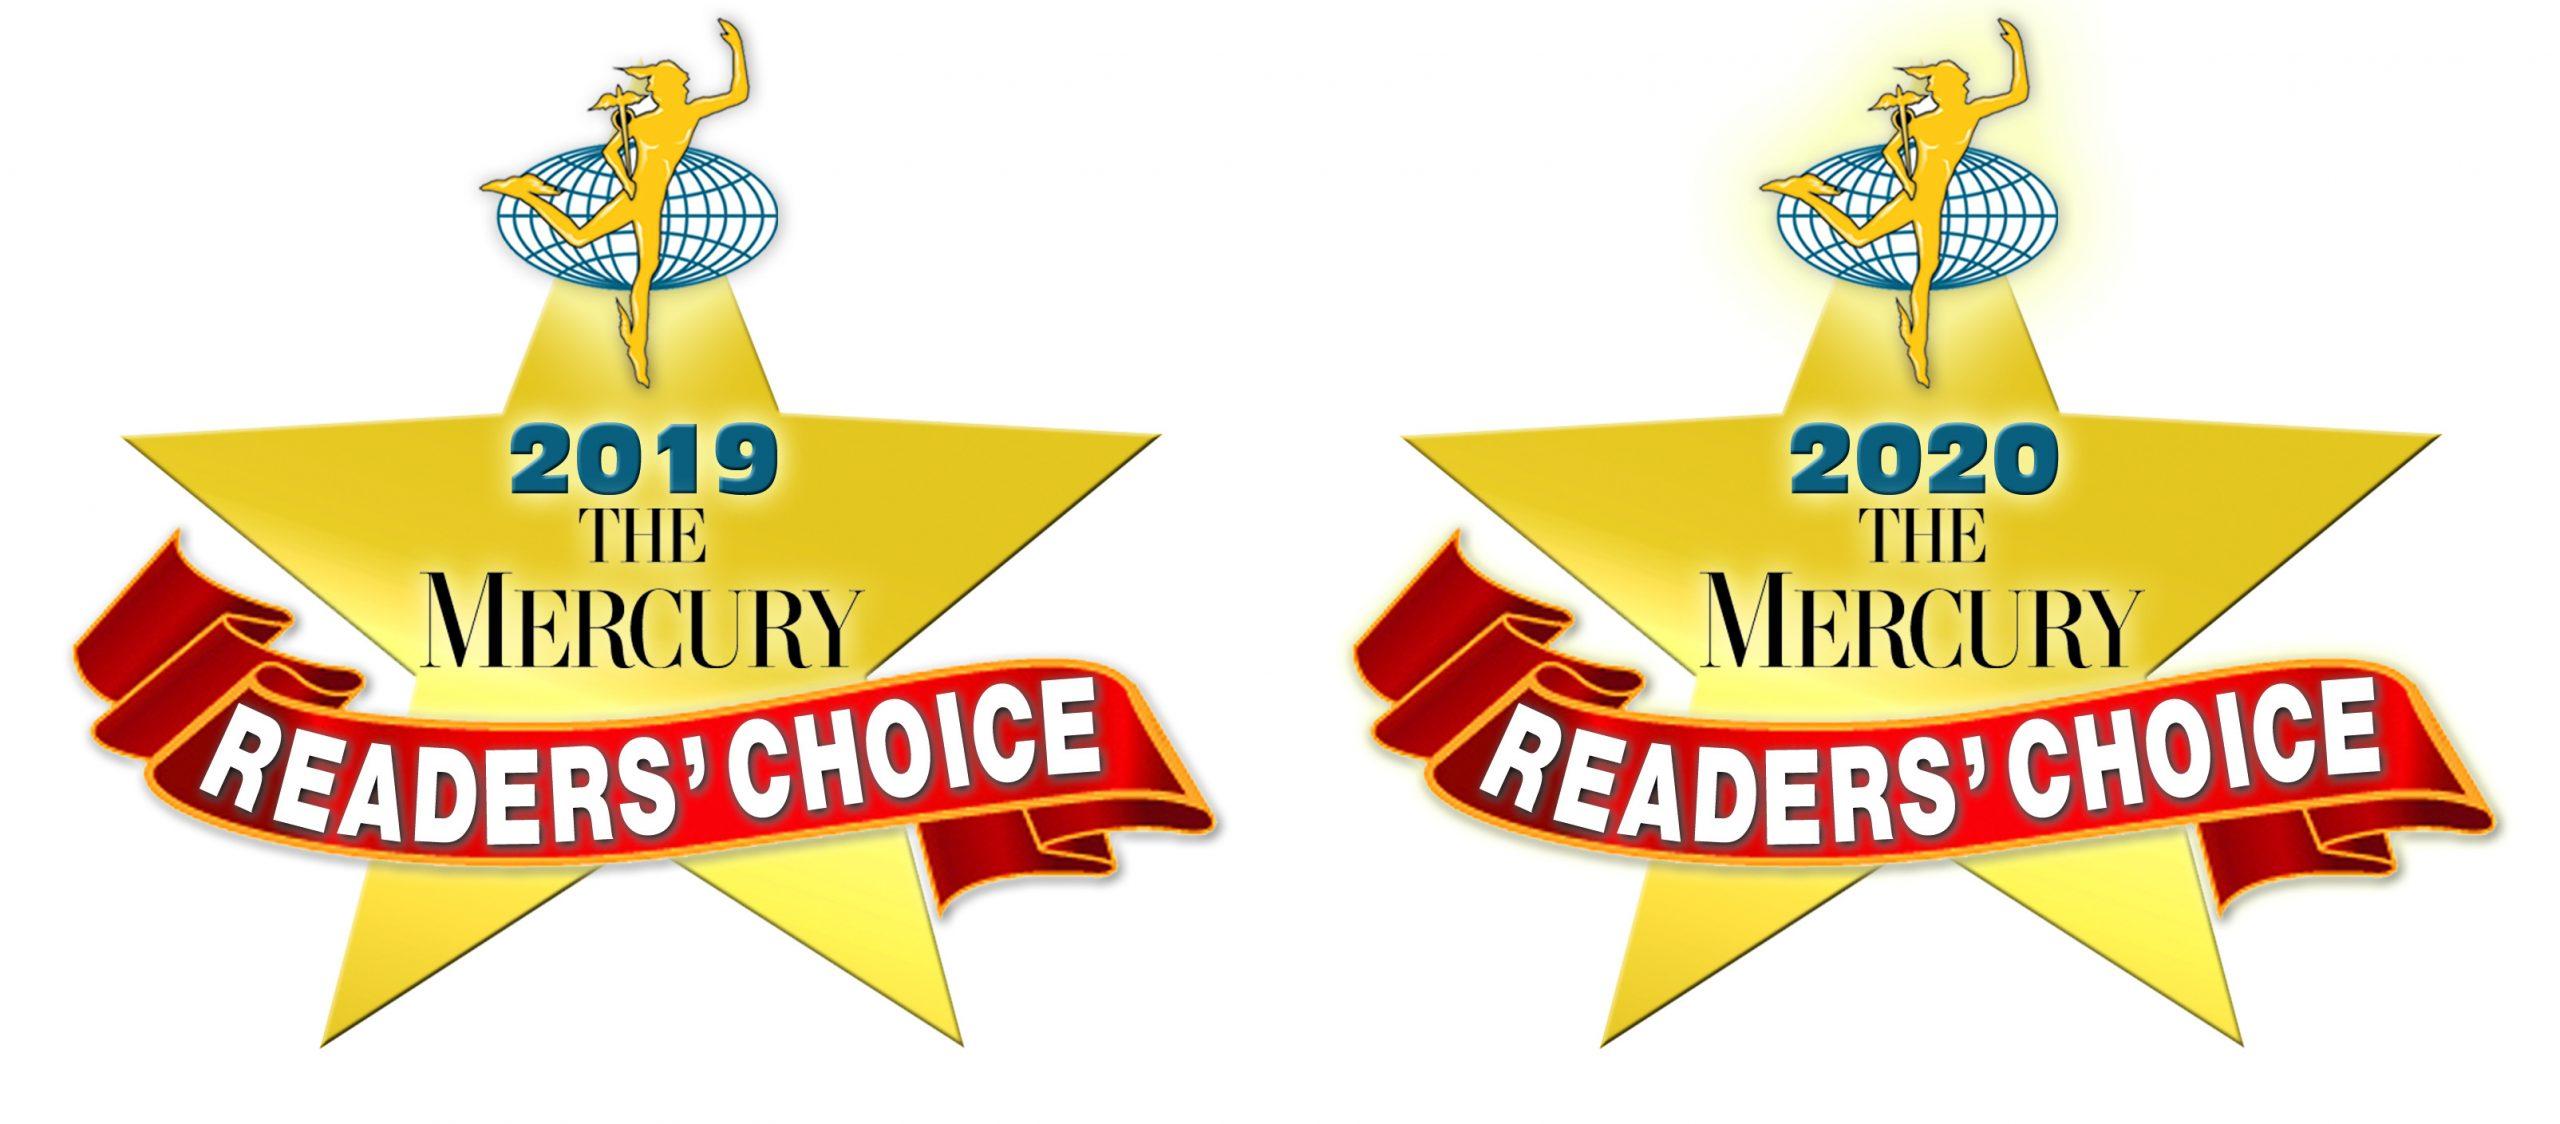 Readers' Choice Award Icons